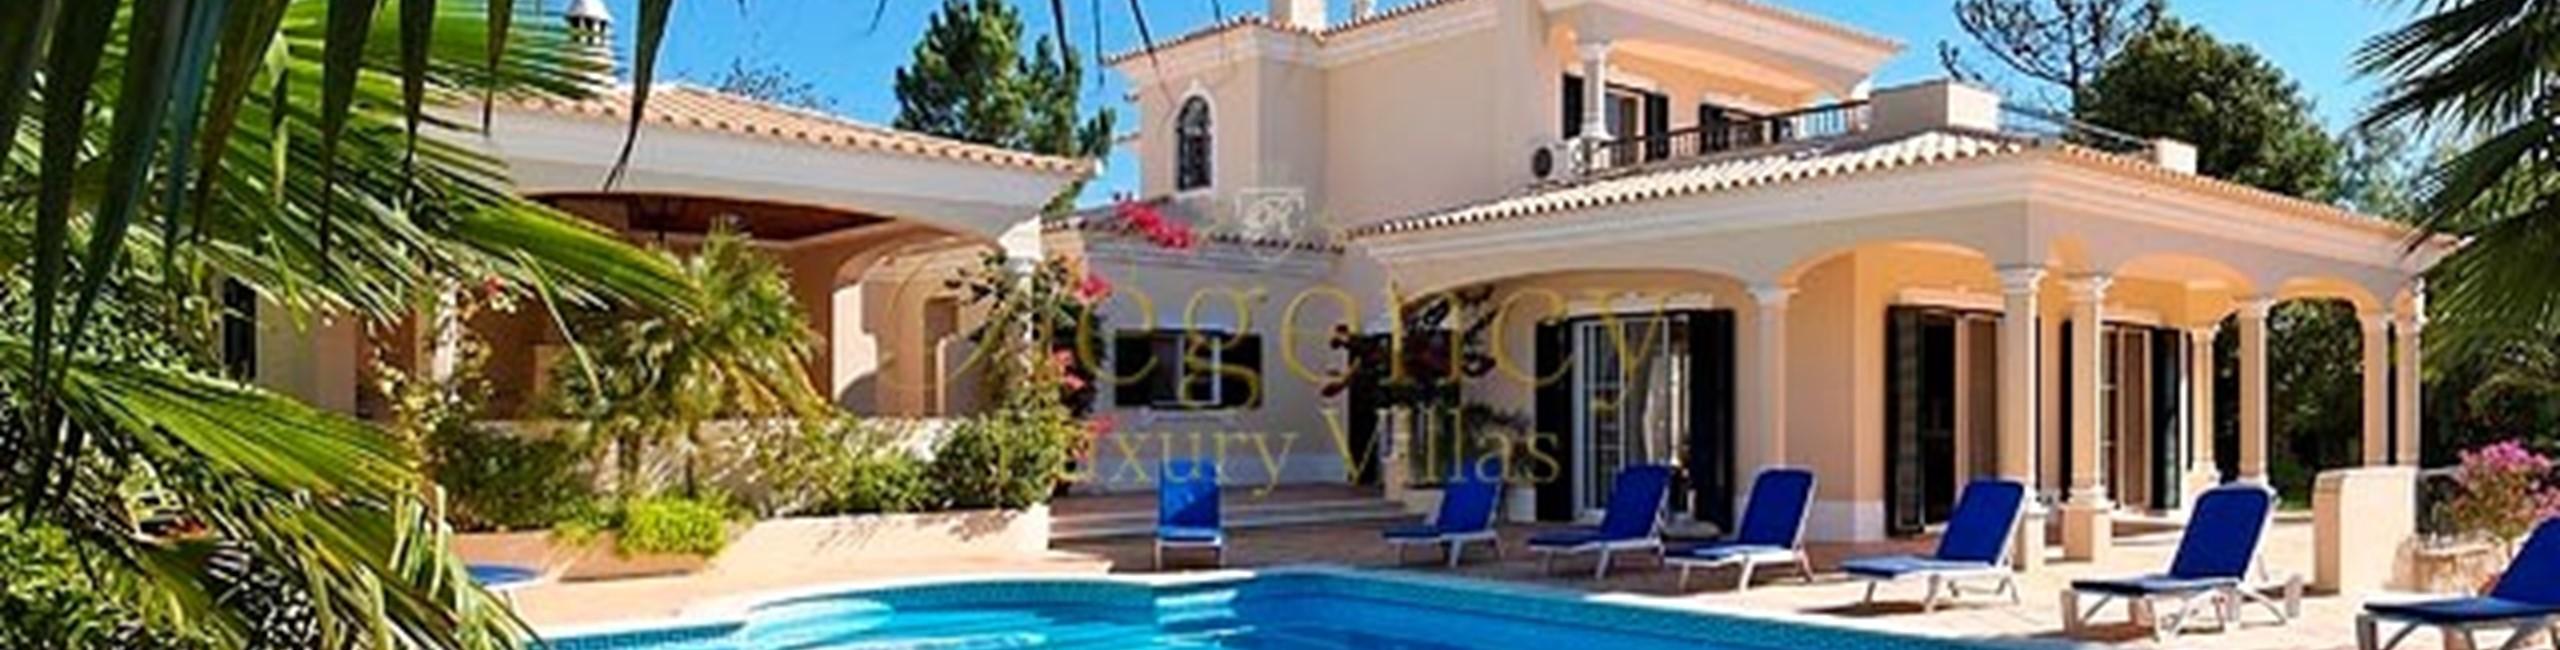 5 Bedroom Villa To Rent In Vilamoura Villa Rosolite Regency Luxury Villas 3